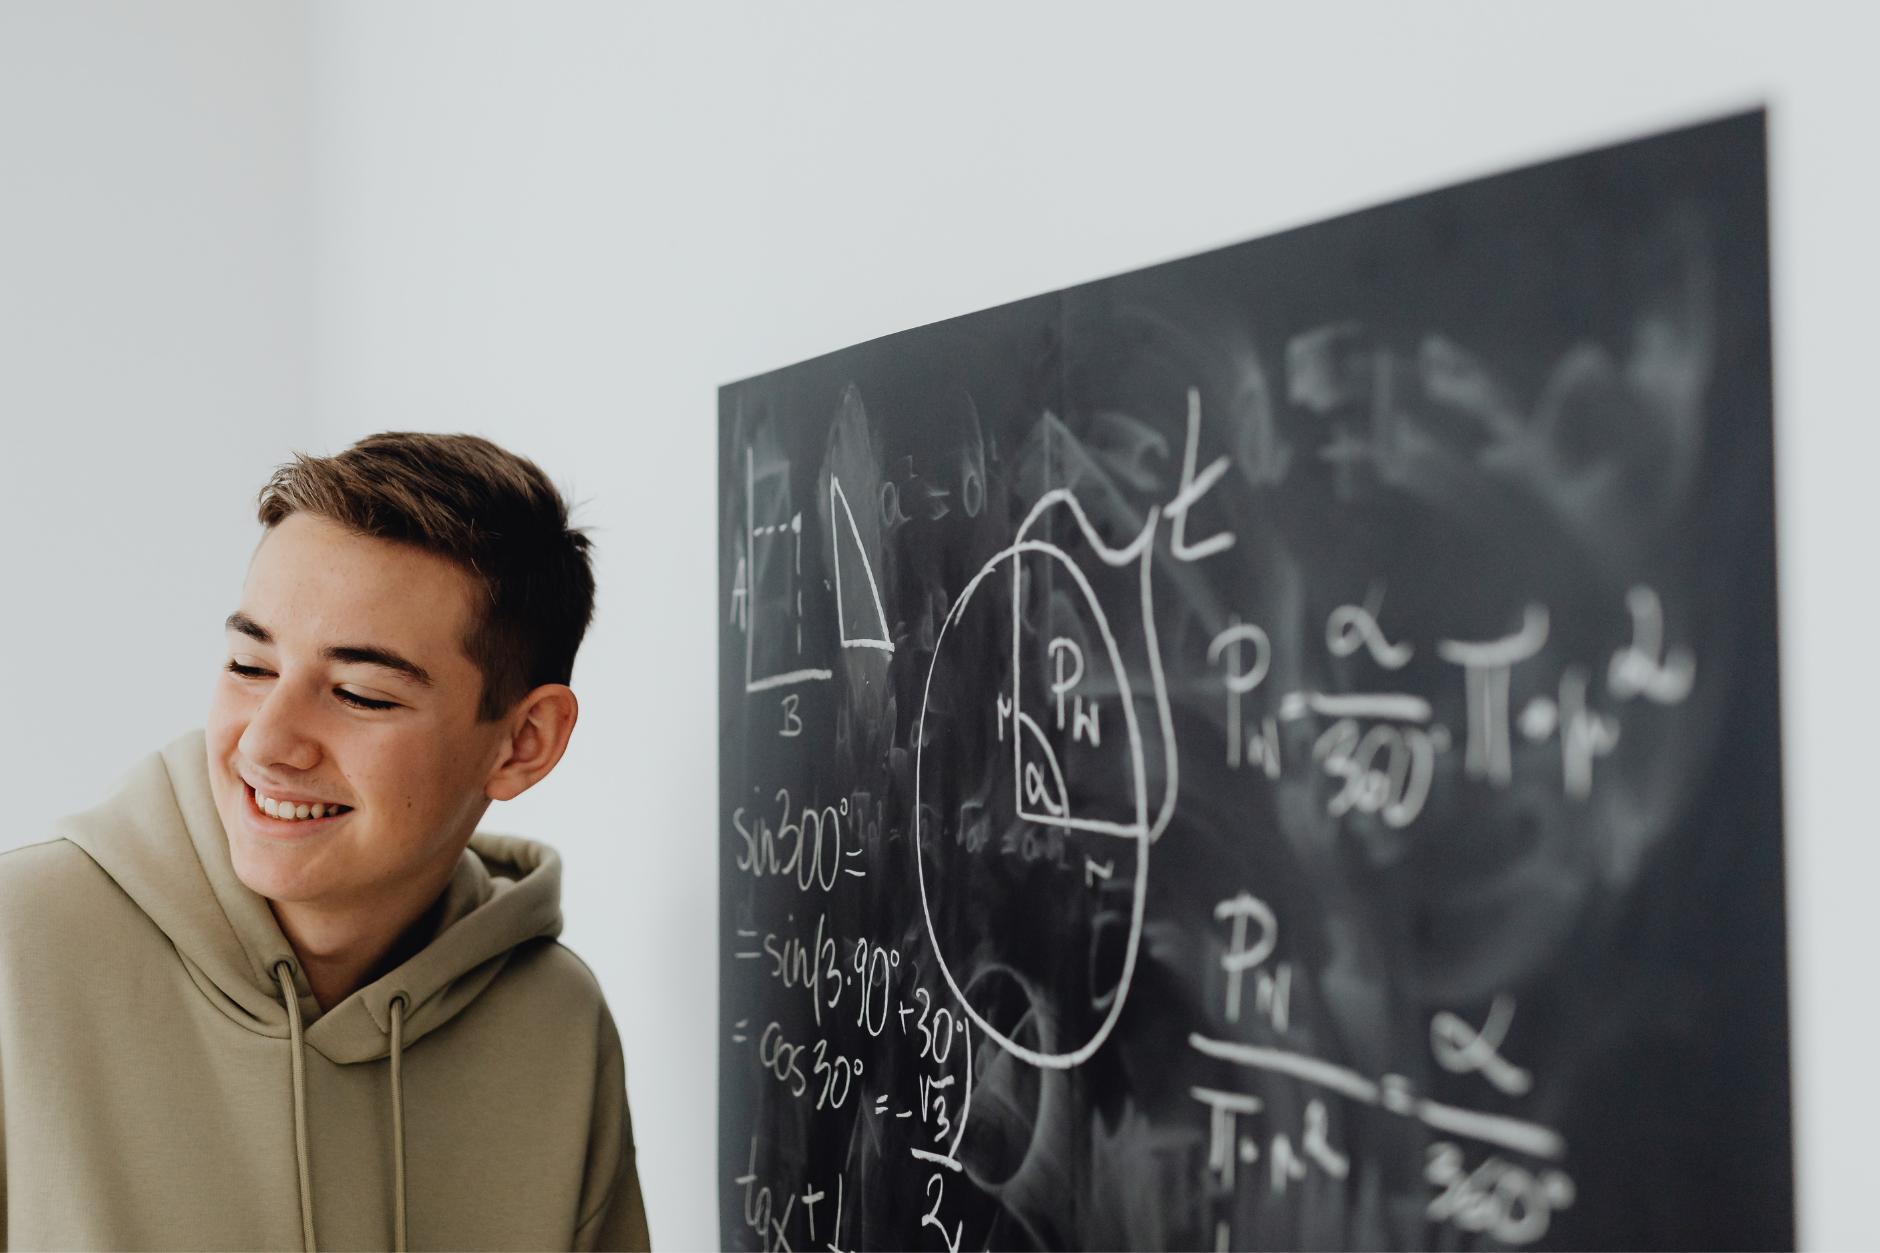 Spécial retour à l'école: comment aider son ado à bien gérer la transition